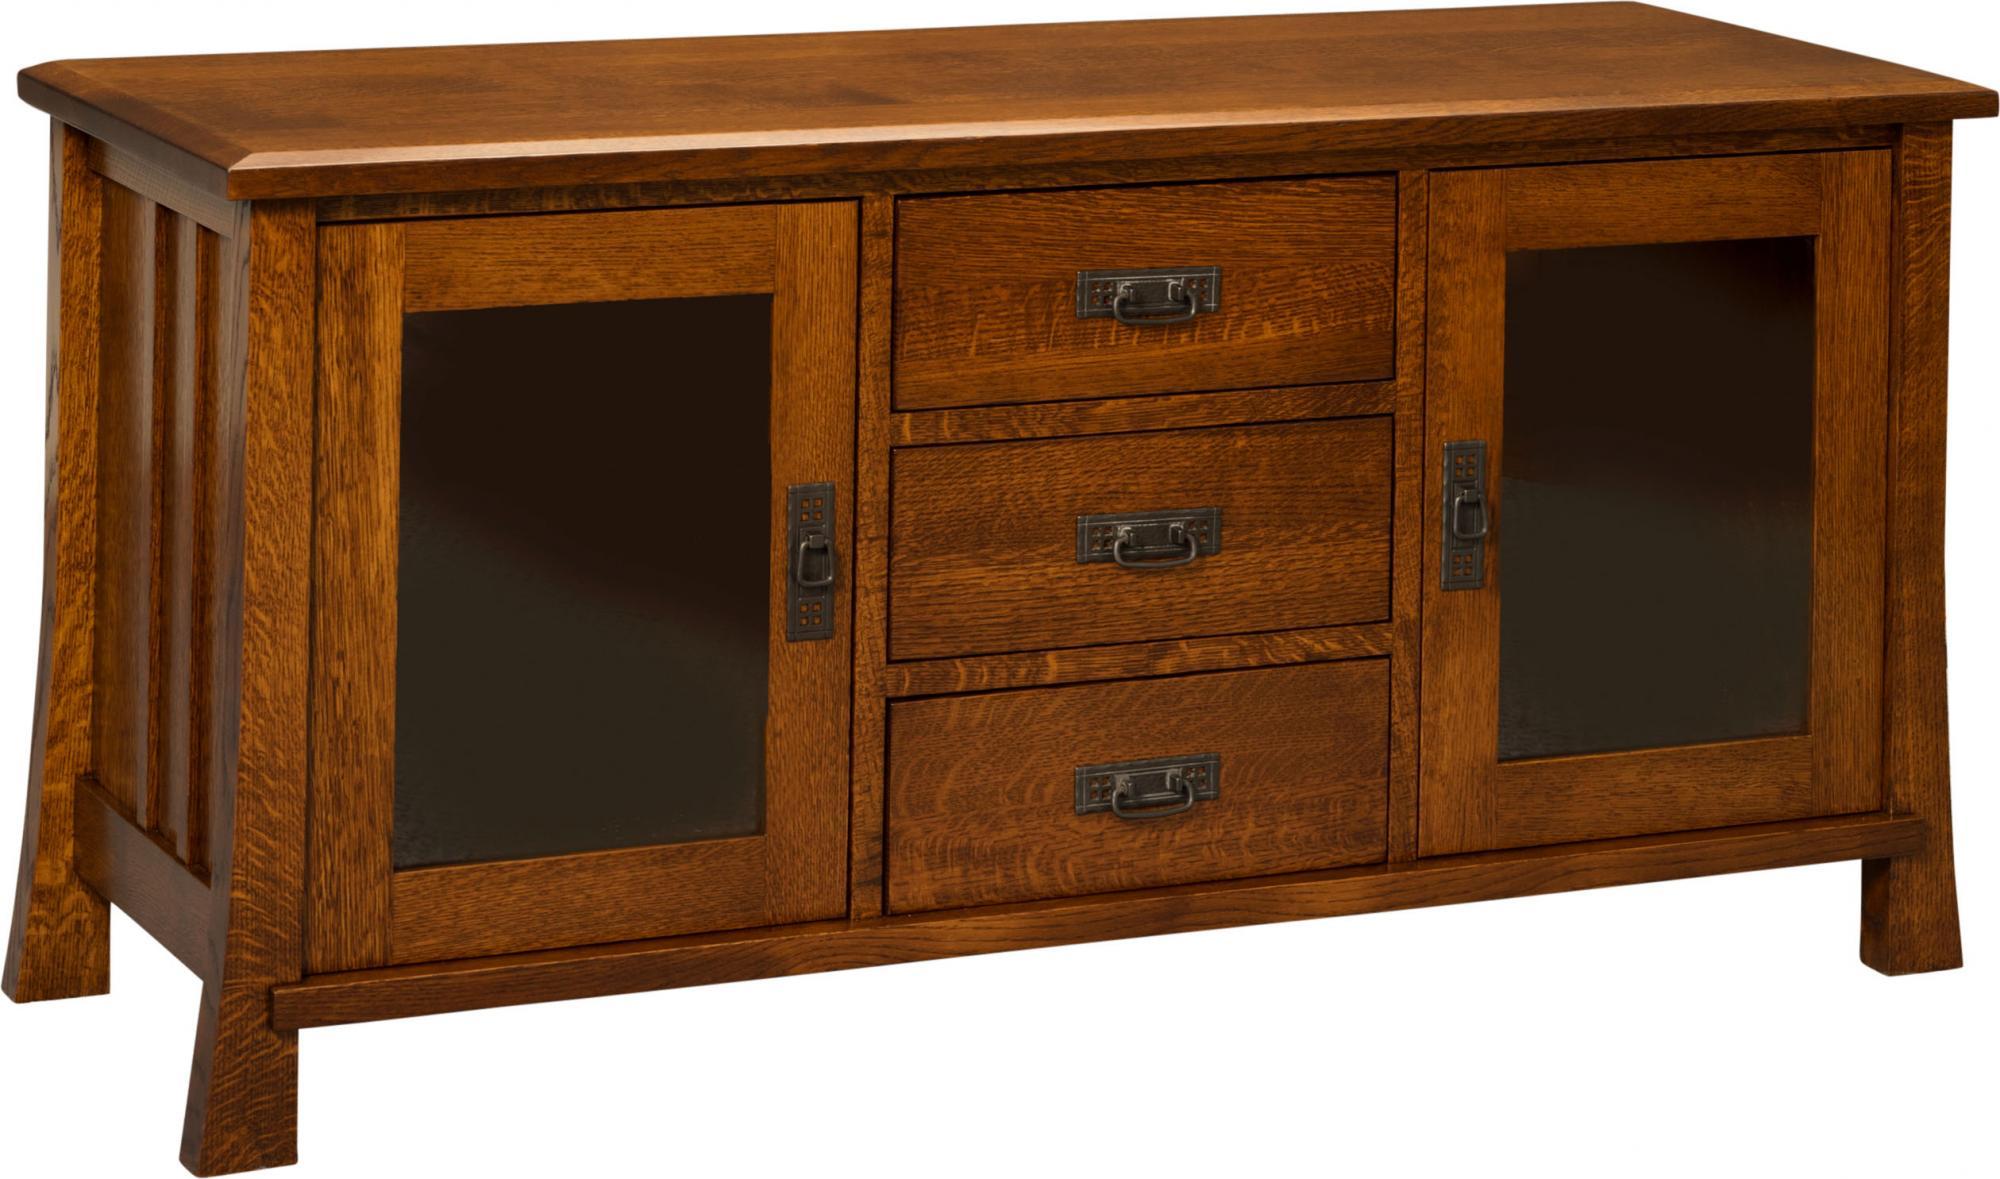 Grant Tv Stand Amish Furniture Store Mankato Mn